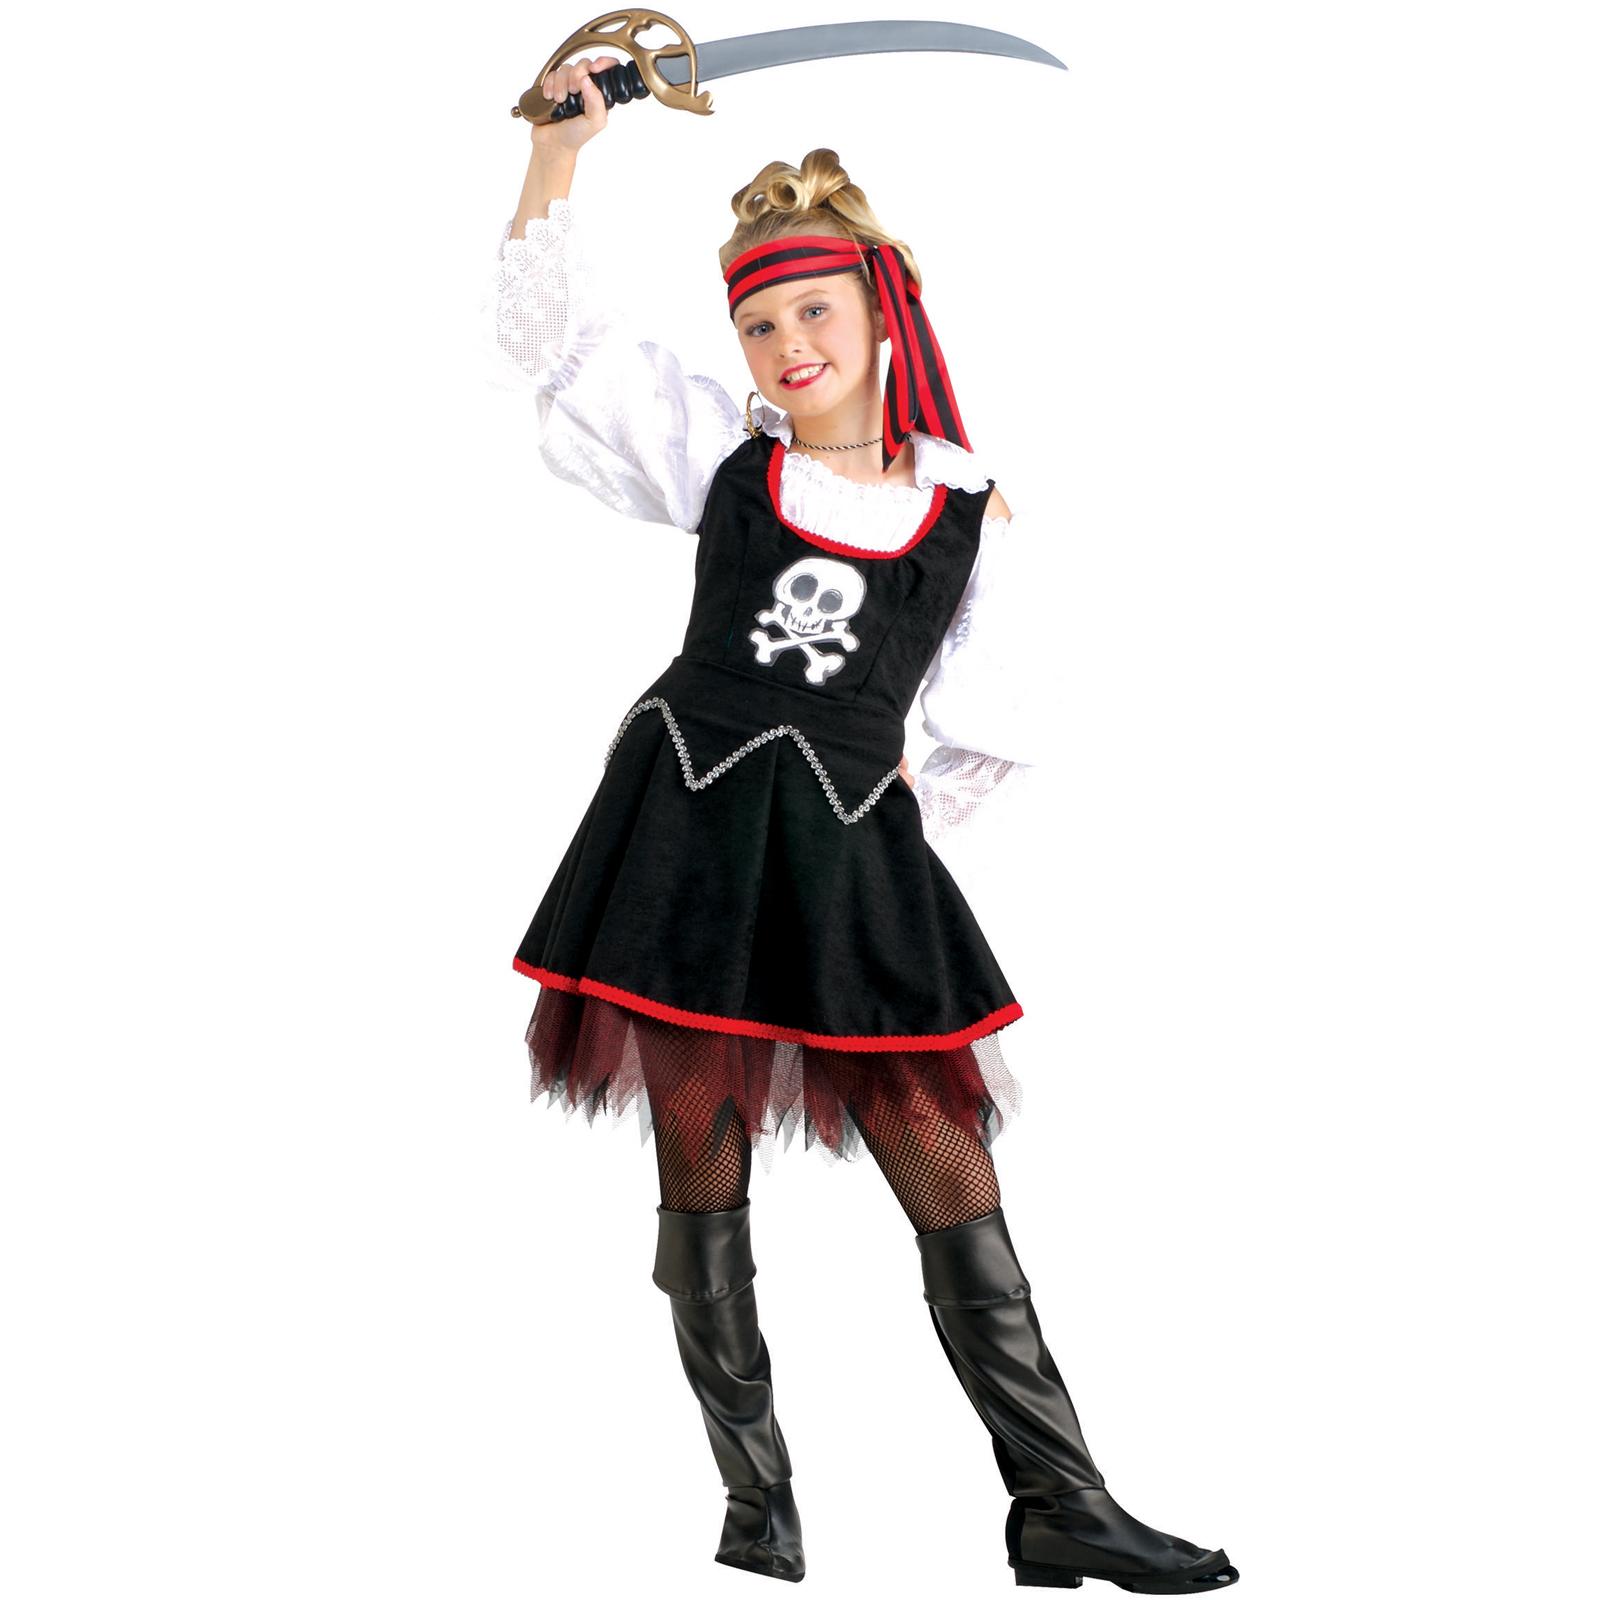 Как сделать костюм пирата для детей своими руками: мастер 93